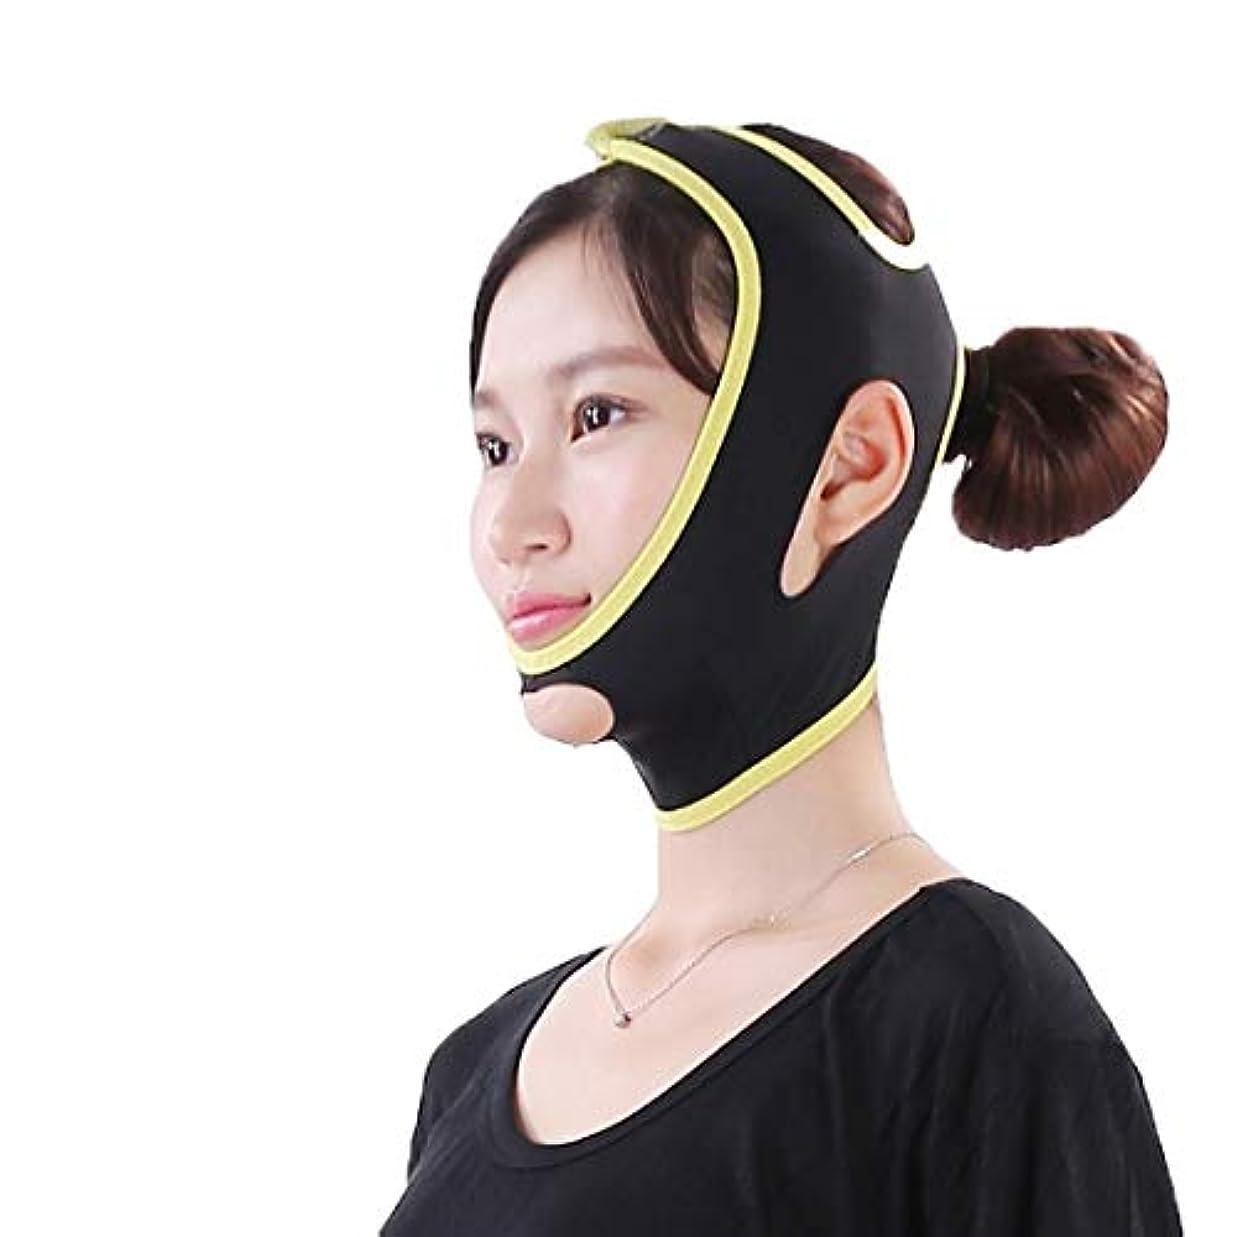 所得弾薬国際ZWBD フェイスマスク, 薄型フェイス包帯小型Vフェイス包帯薄型フェイスマスクリフティングハンギングイヤー通気性ビームフェイスマスクブラック